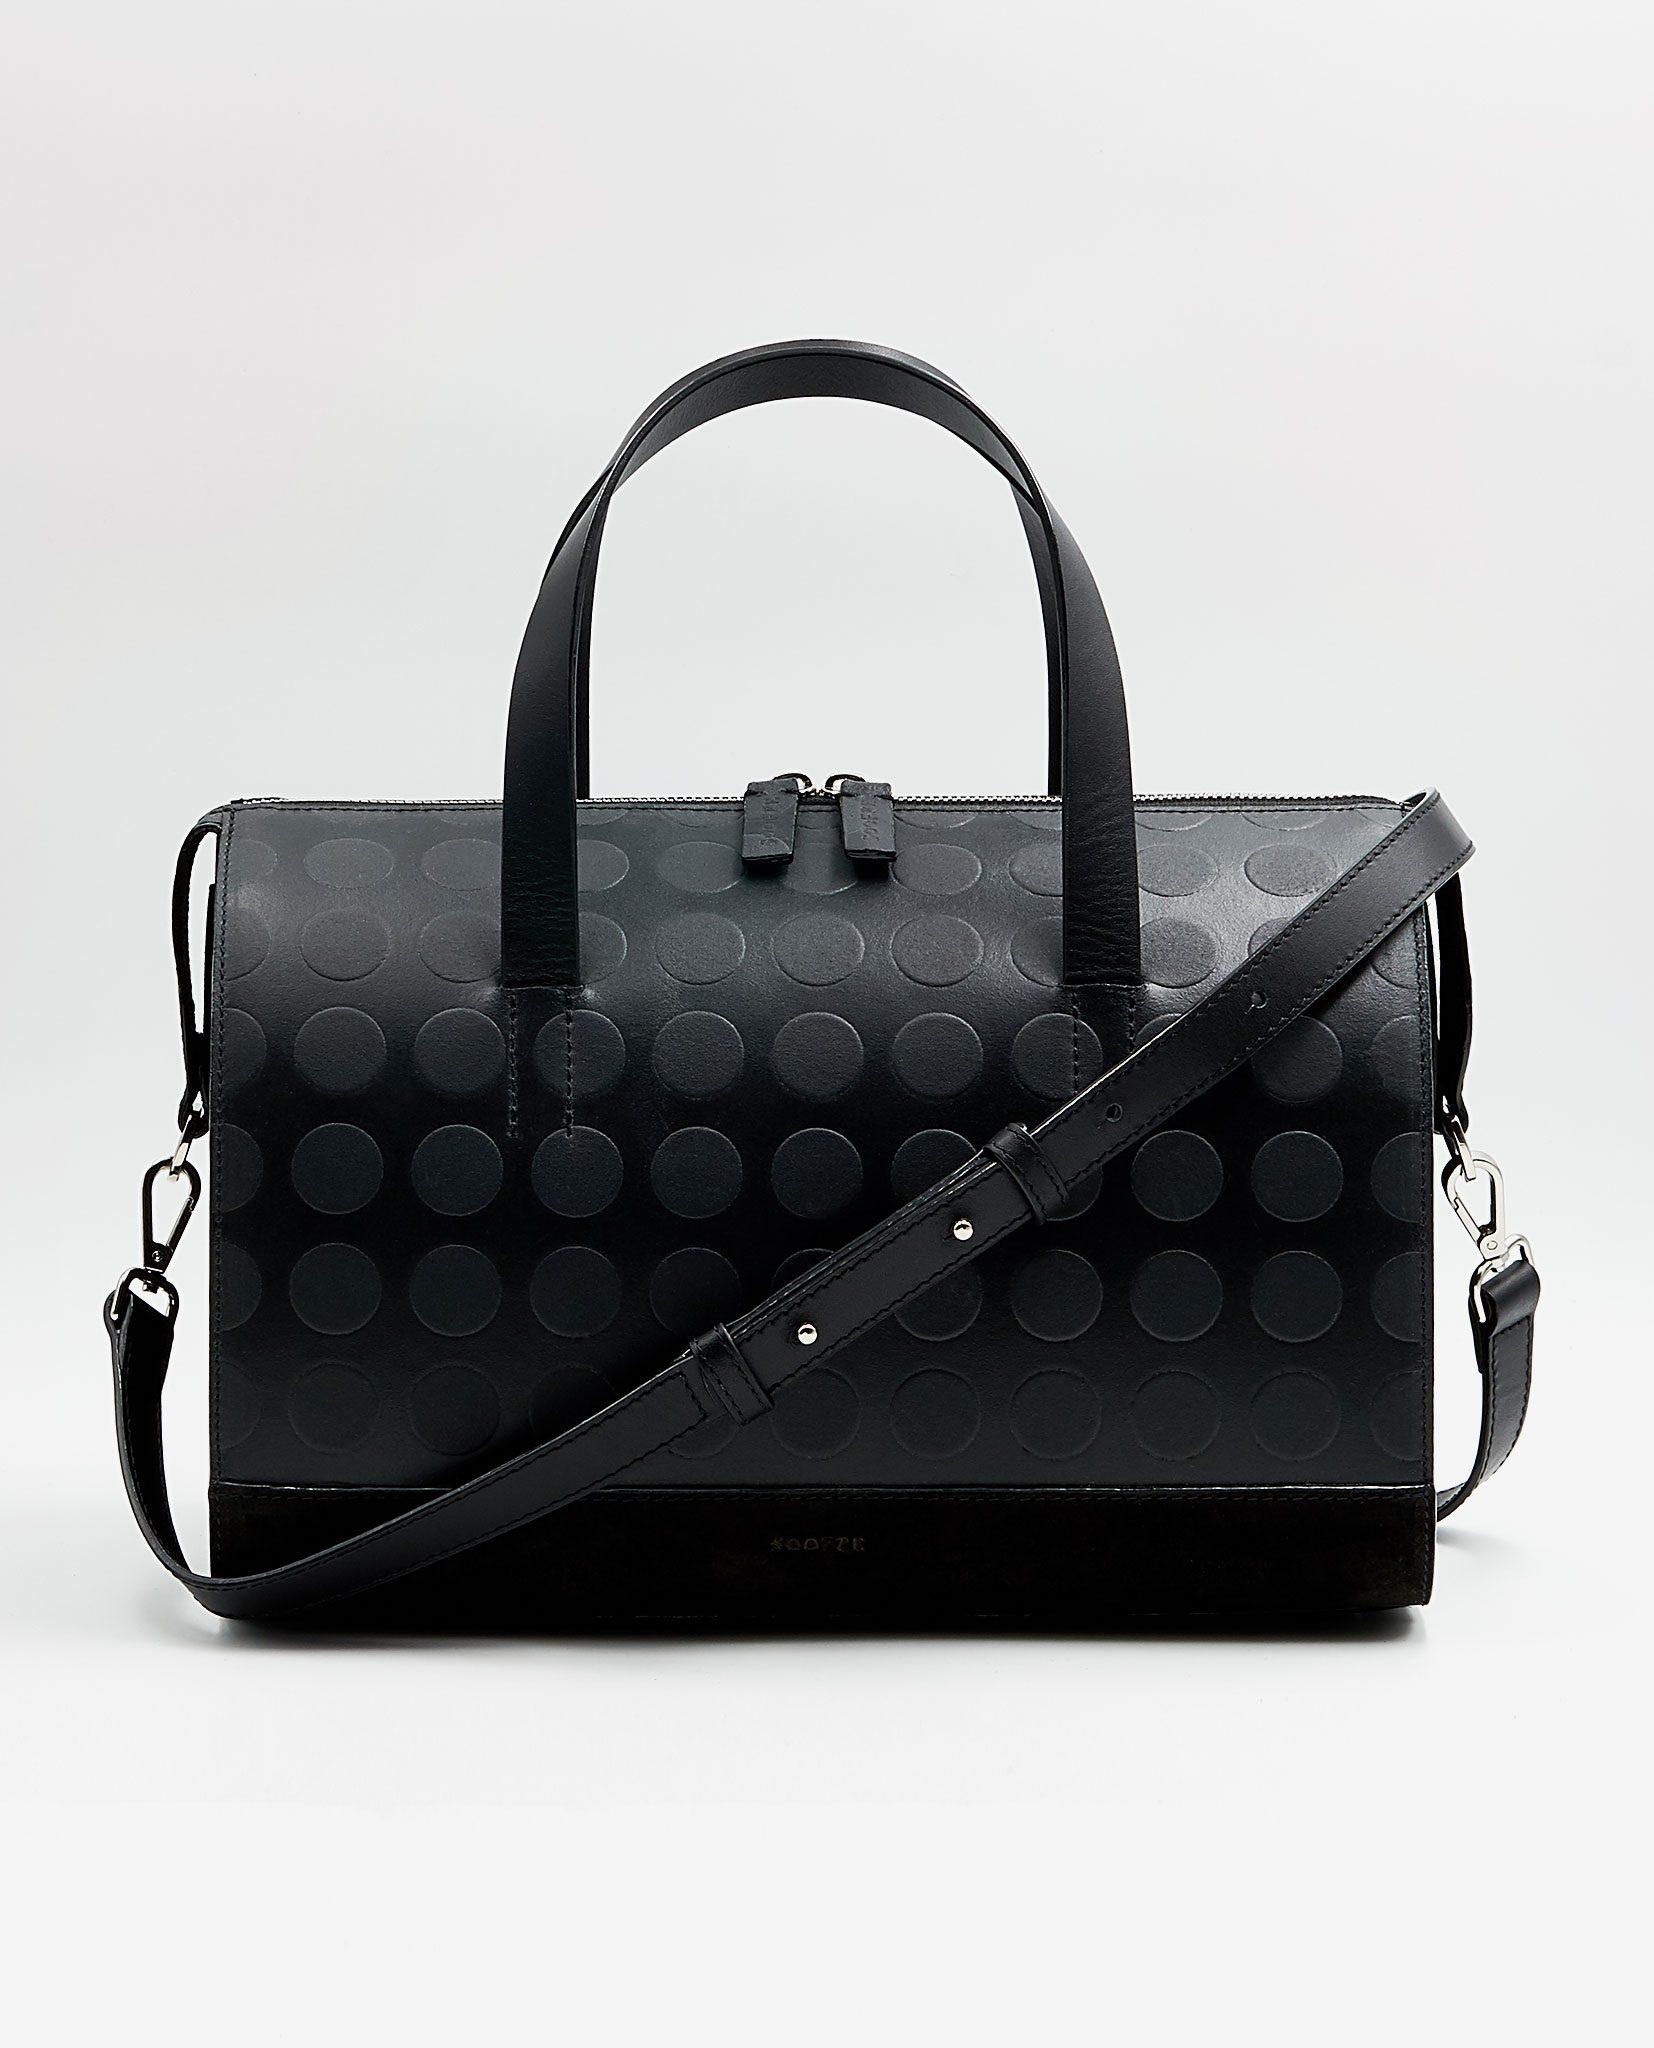 SOOFRE-Berlin-unique-Bowler-Bag-dotted-black-black-FRONT